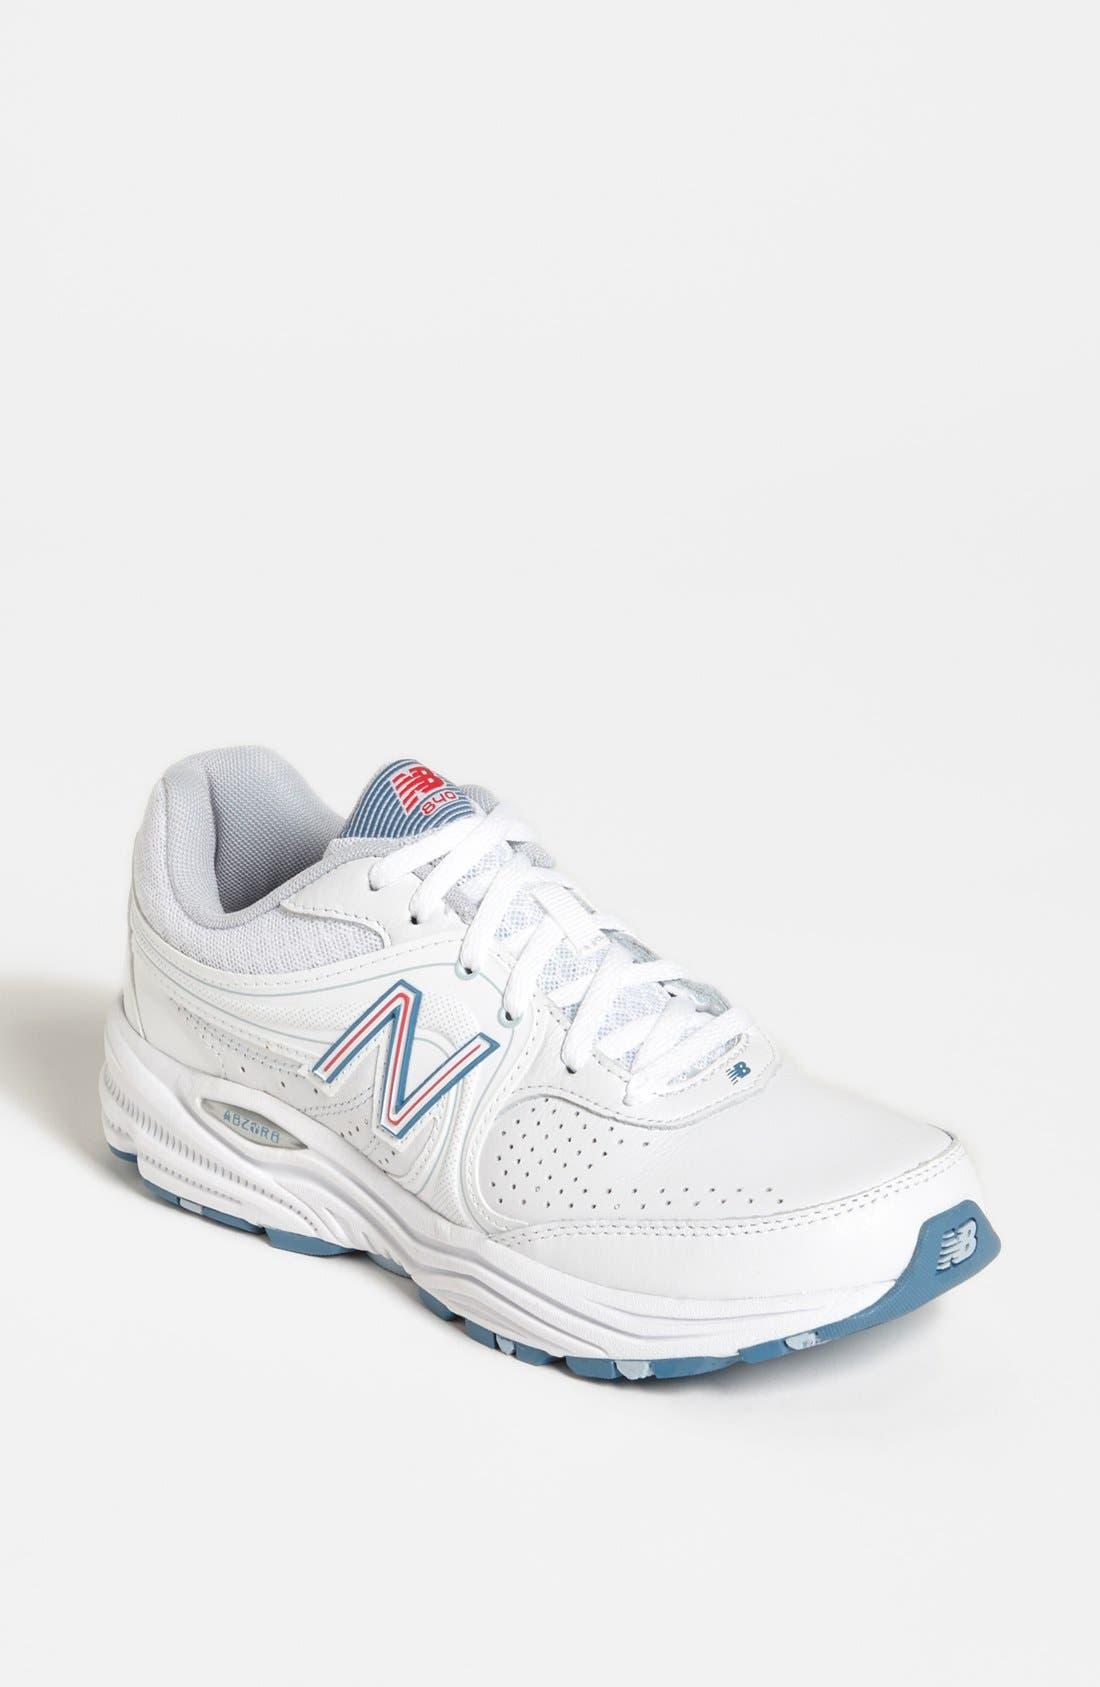 Alternate Image 1 Selected - New Balance '840' Walking Shoe (Women) (Regular Retail Price: $99.95)